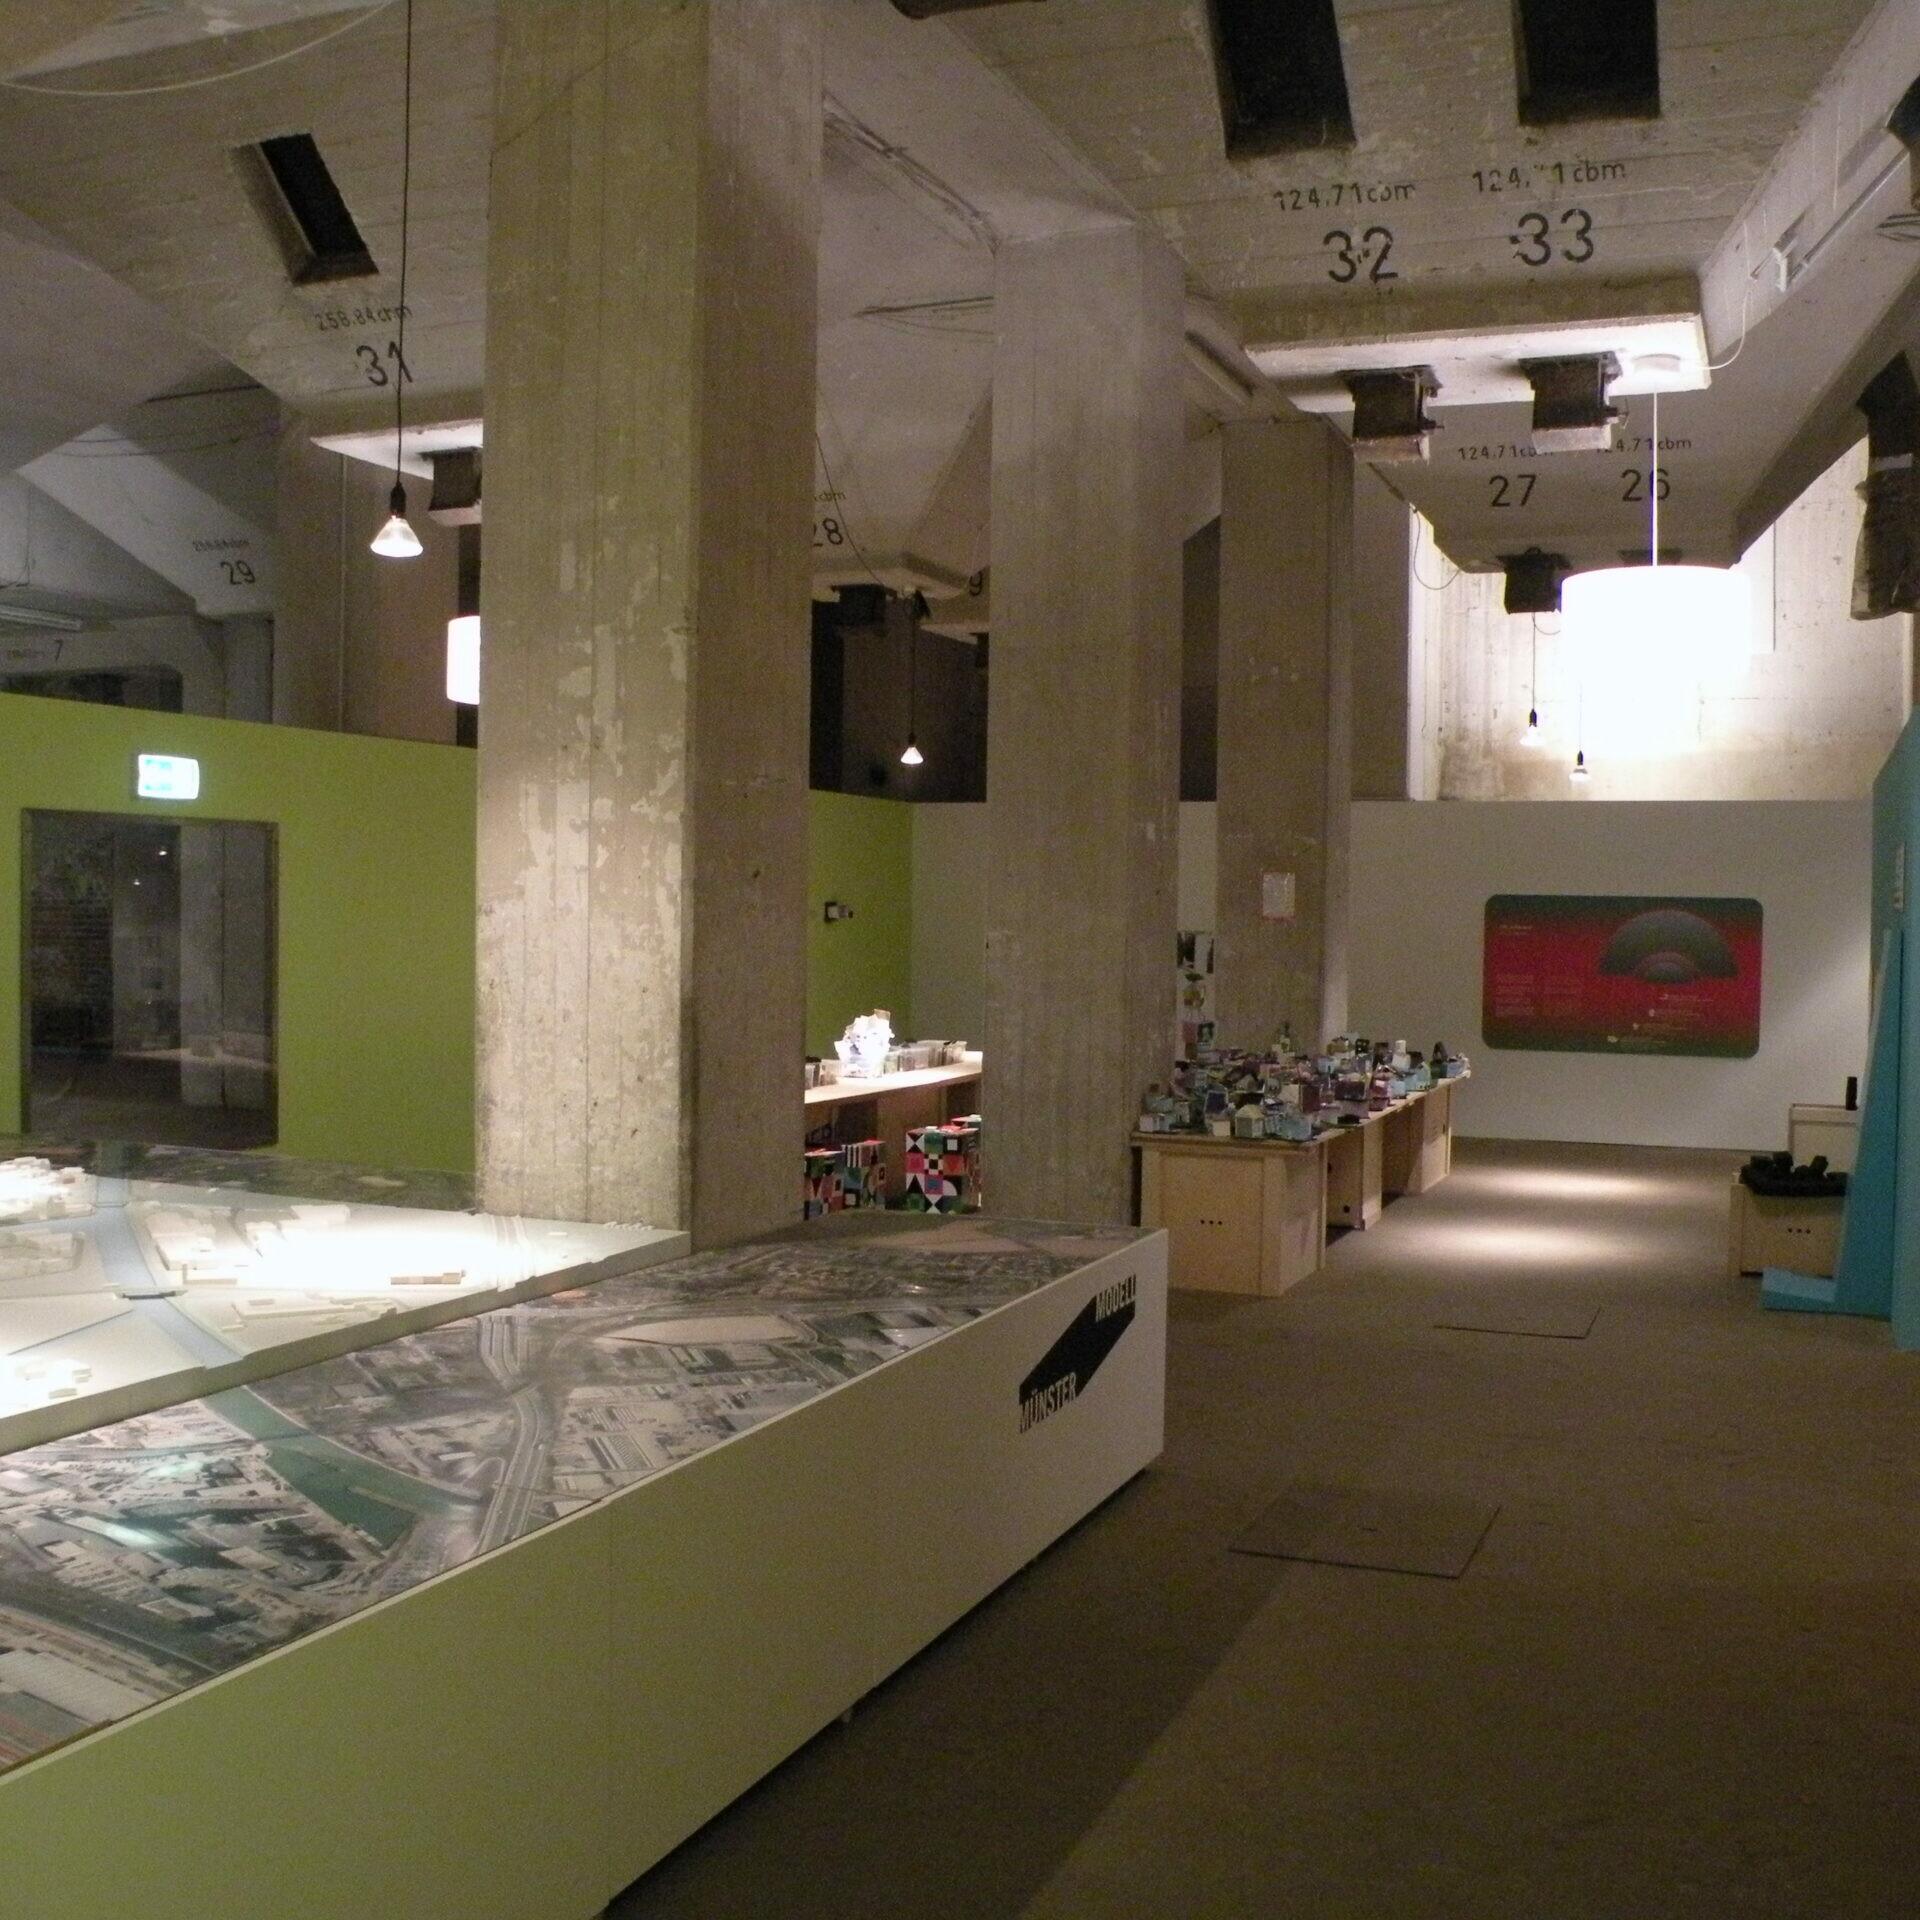 Münster Modell: Ausstellung Nr. 13 - Flechtheim-Speicher, 2012